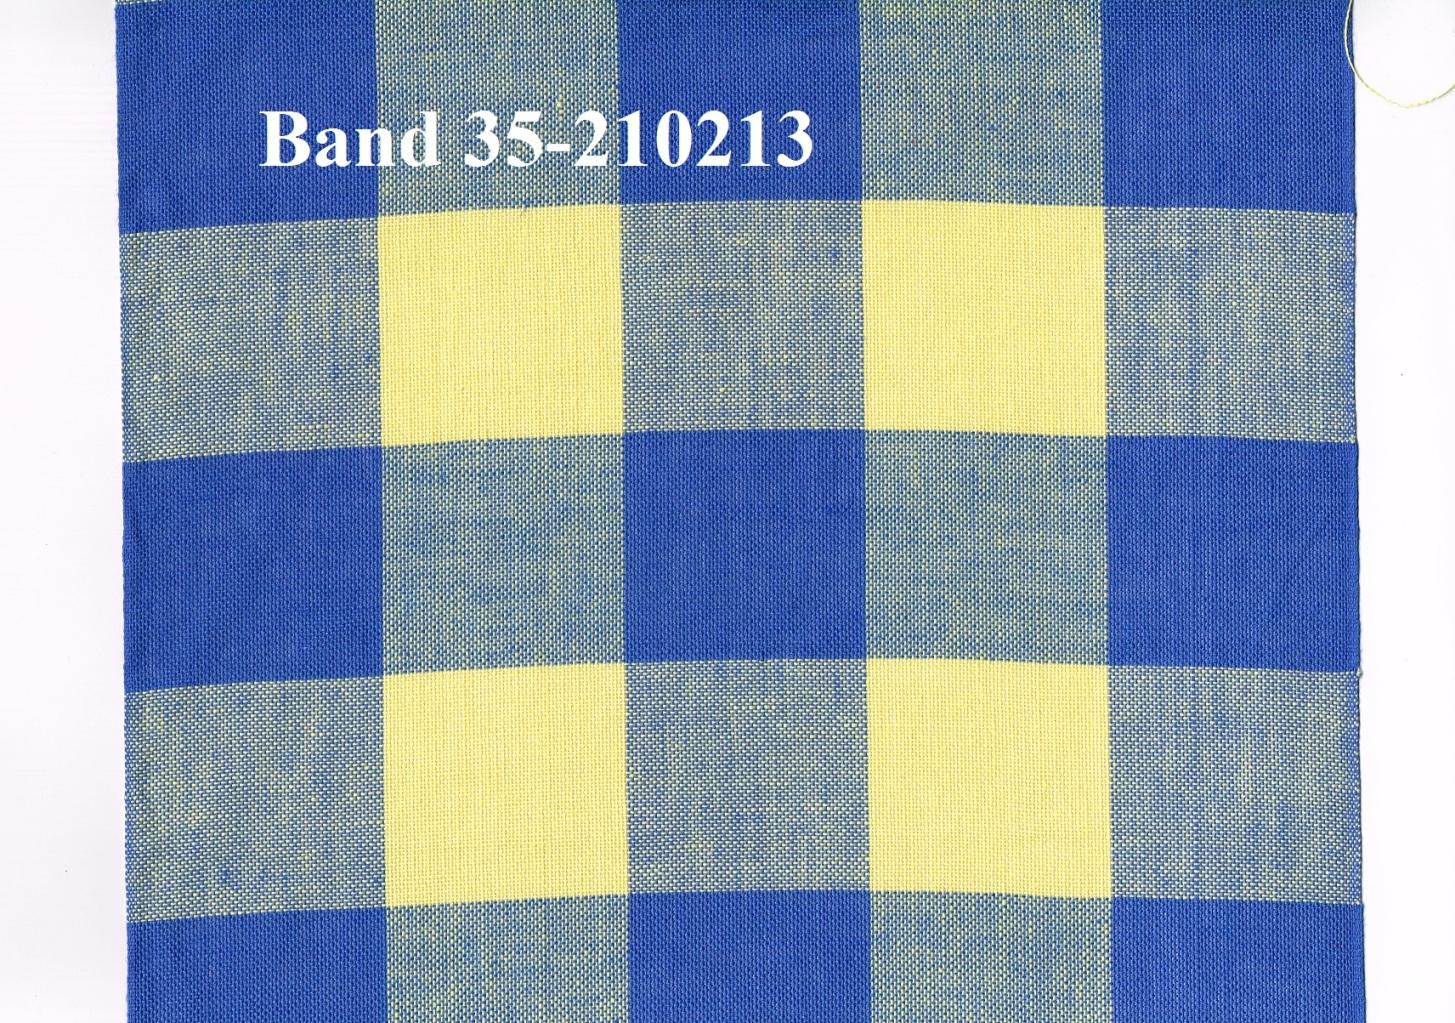 Karo Leinenband - 35 210213